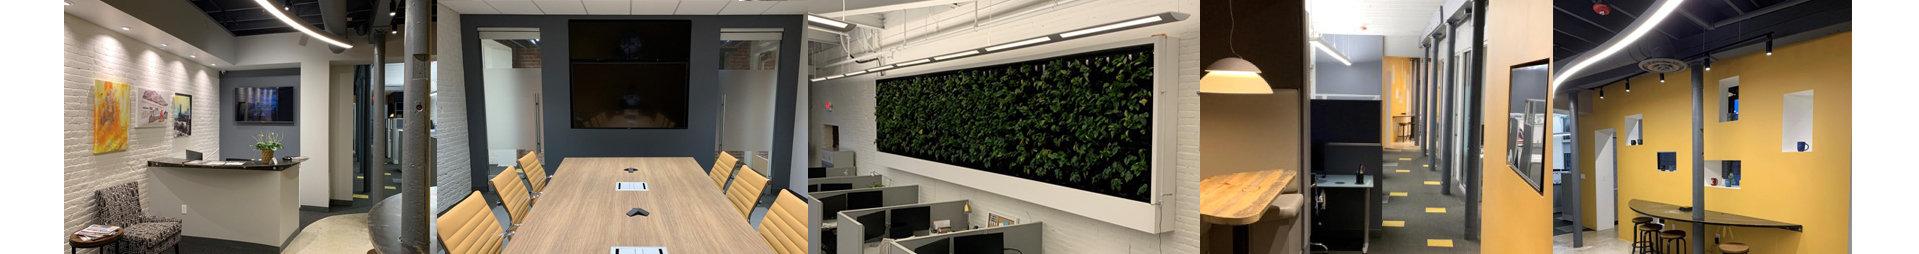 Office photos.jpg